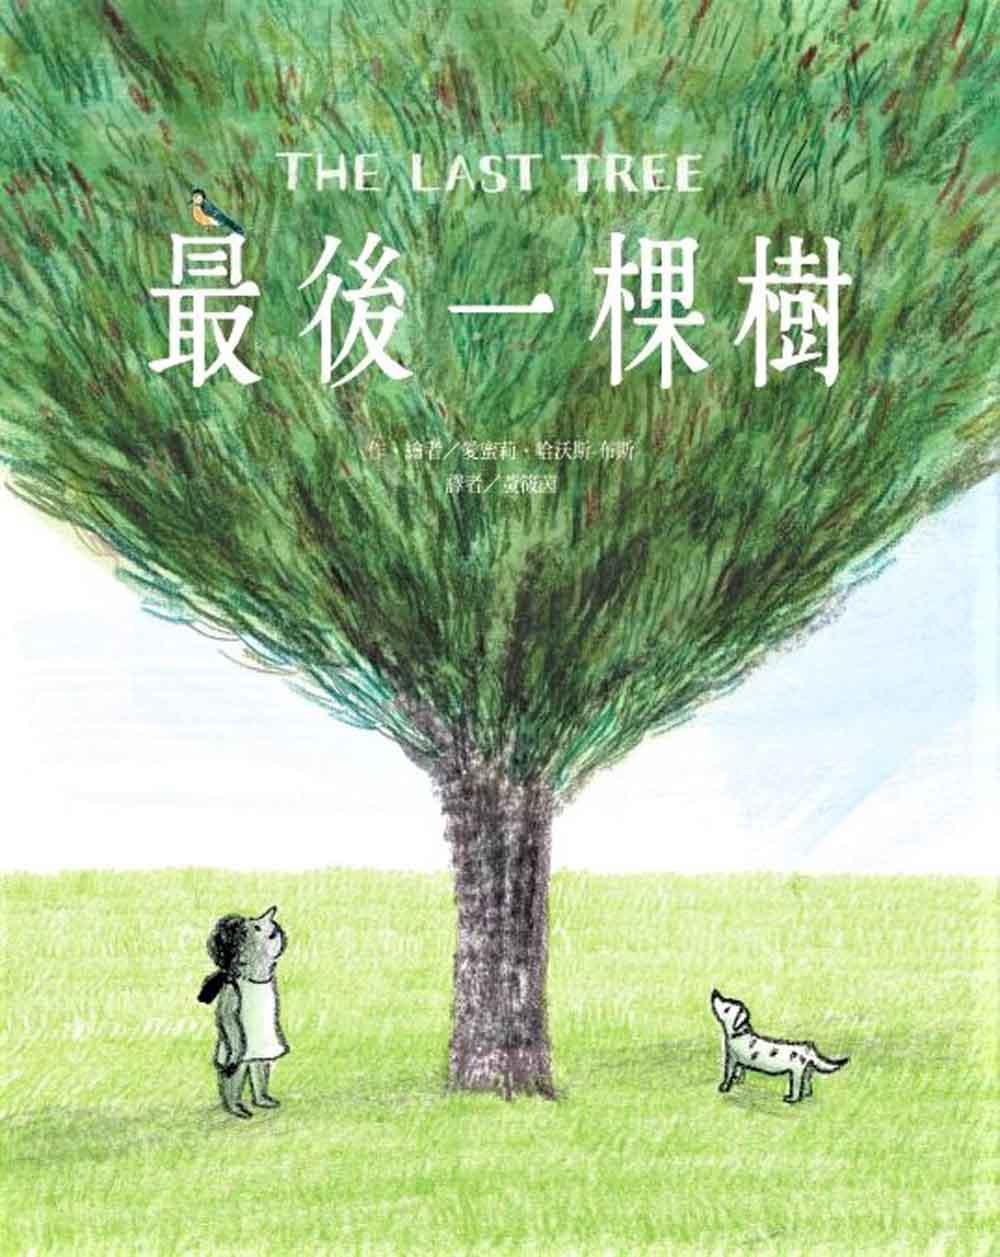 最後一棵樹